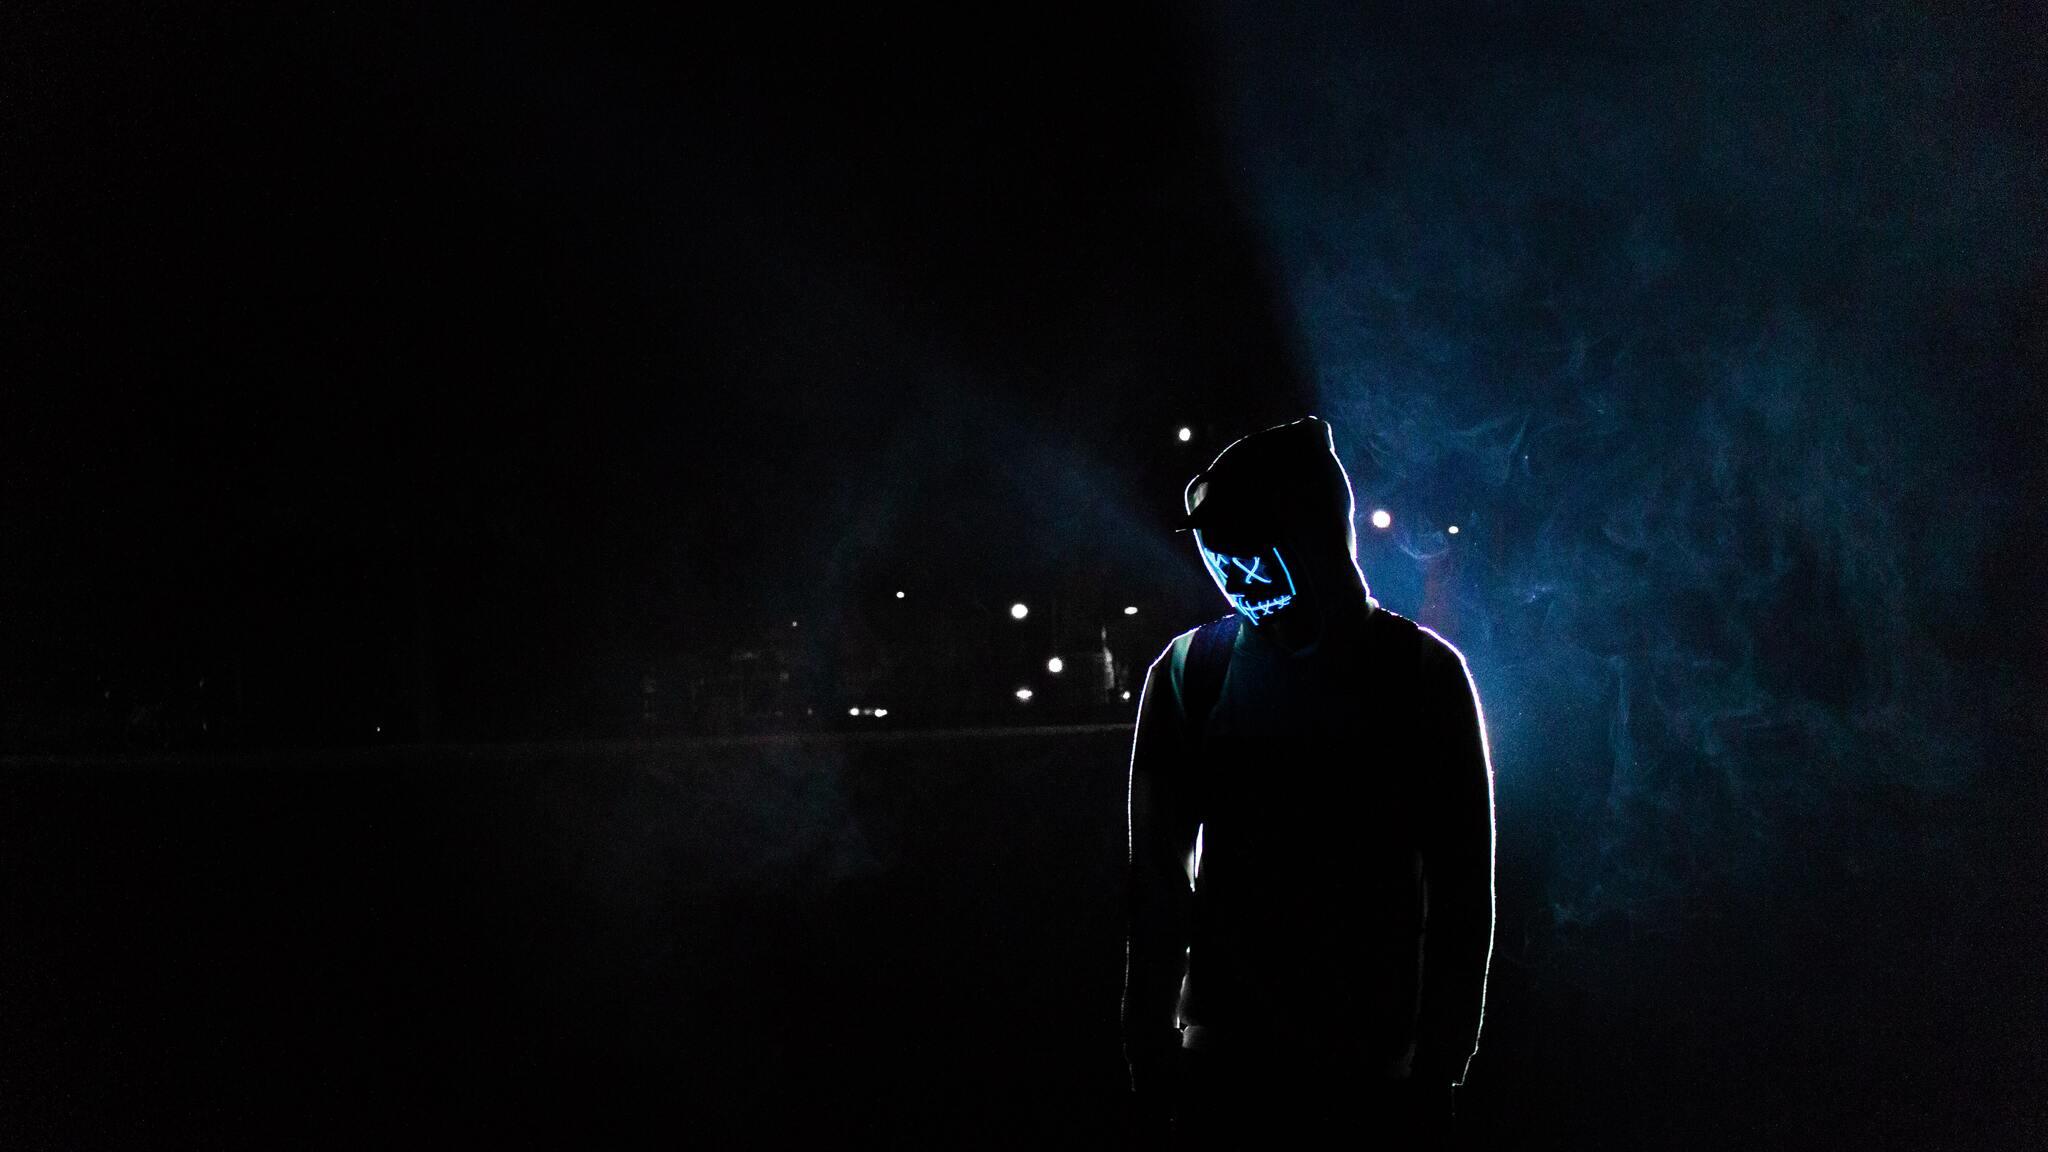 mask-guy-5k-tv.jpg